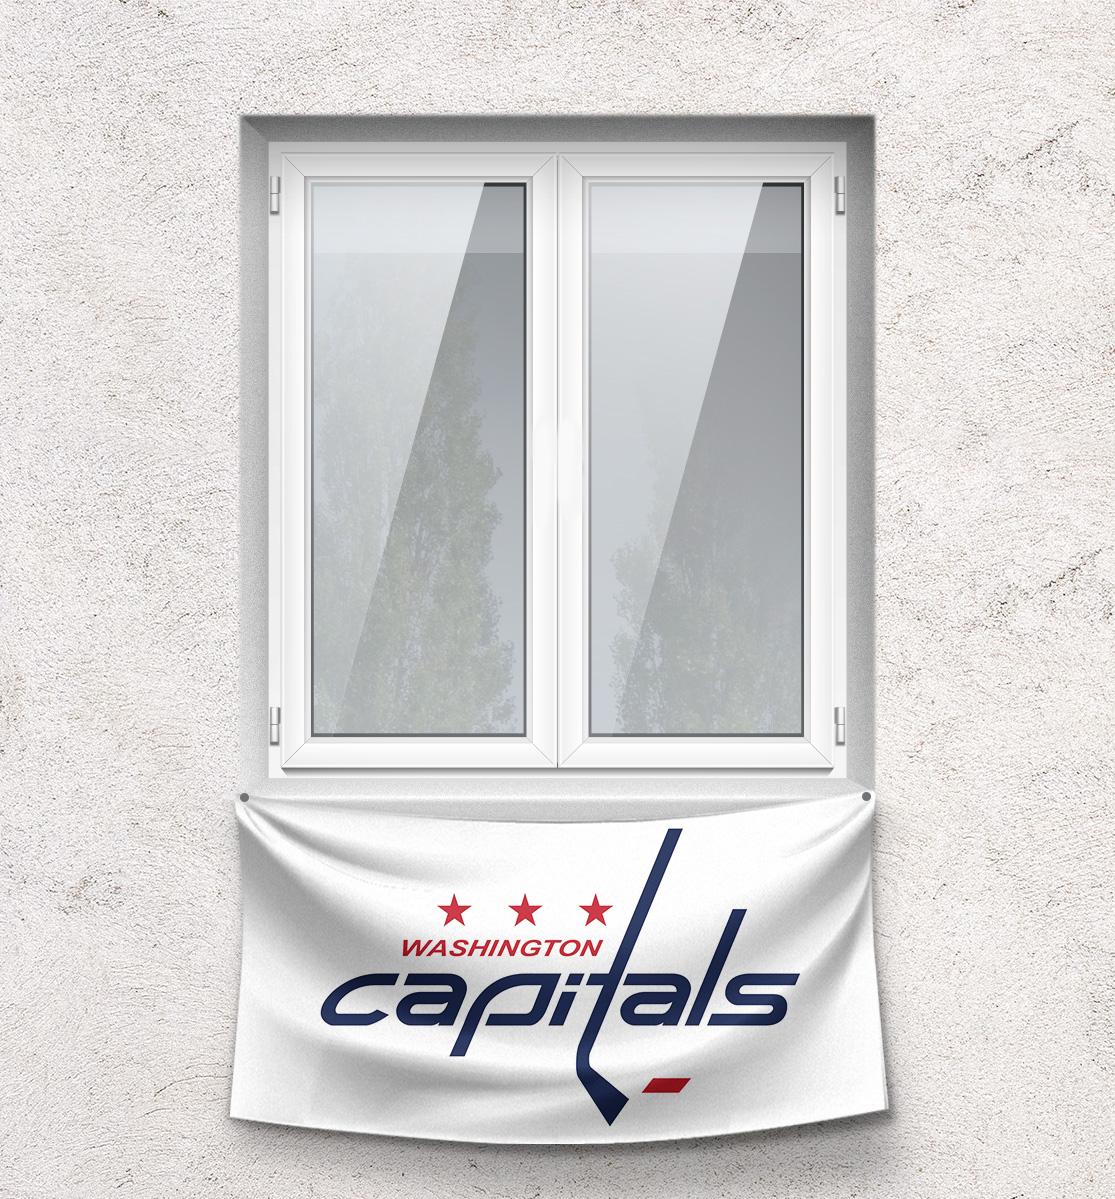 Washington Capitals washington everyman mapguide